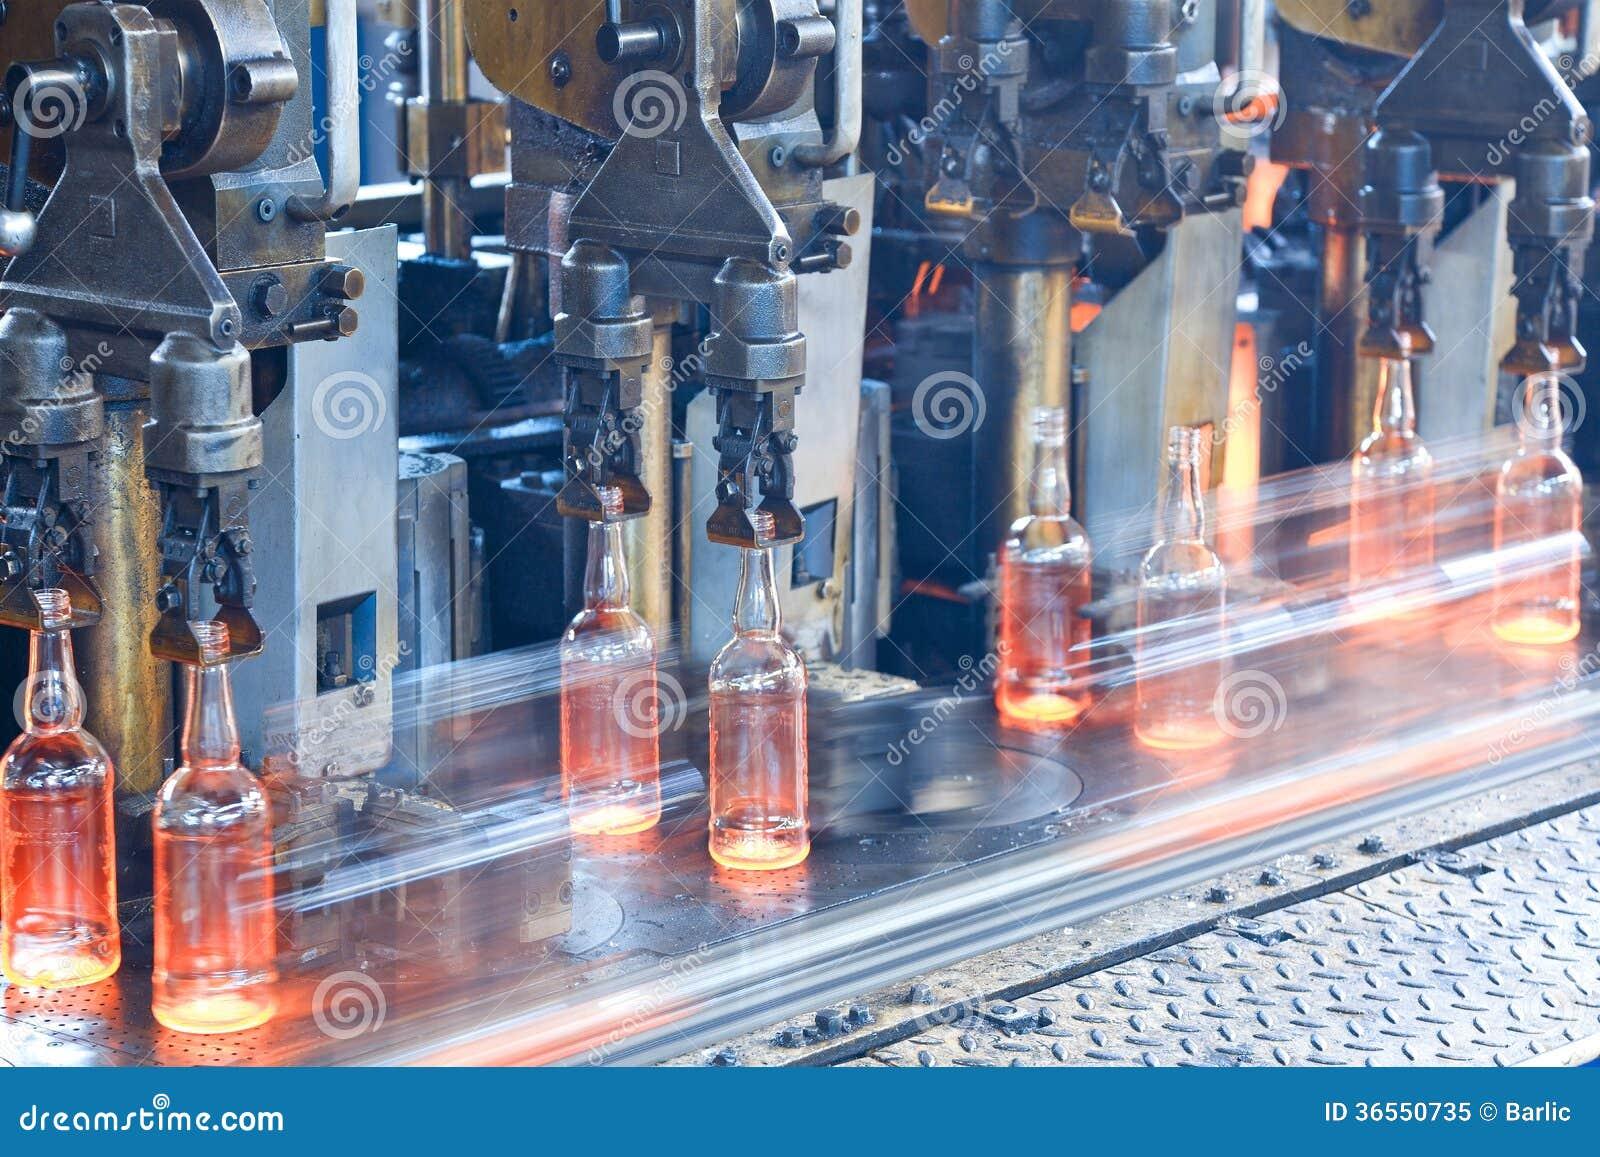 Bottle factory